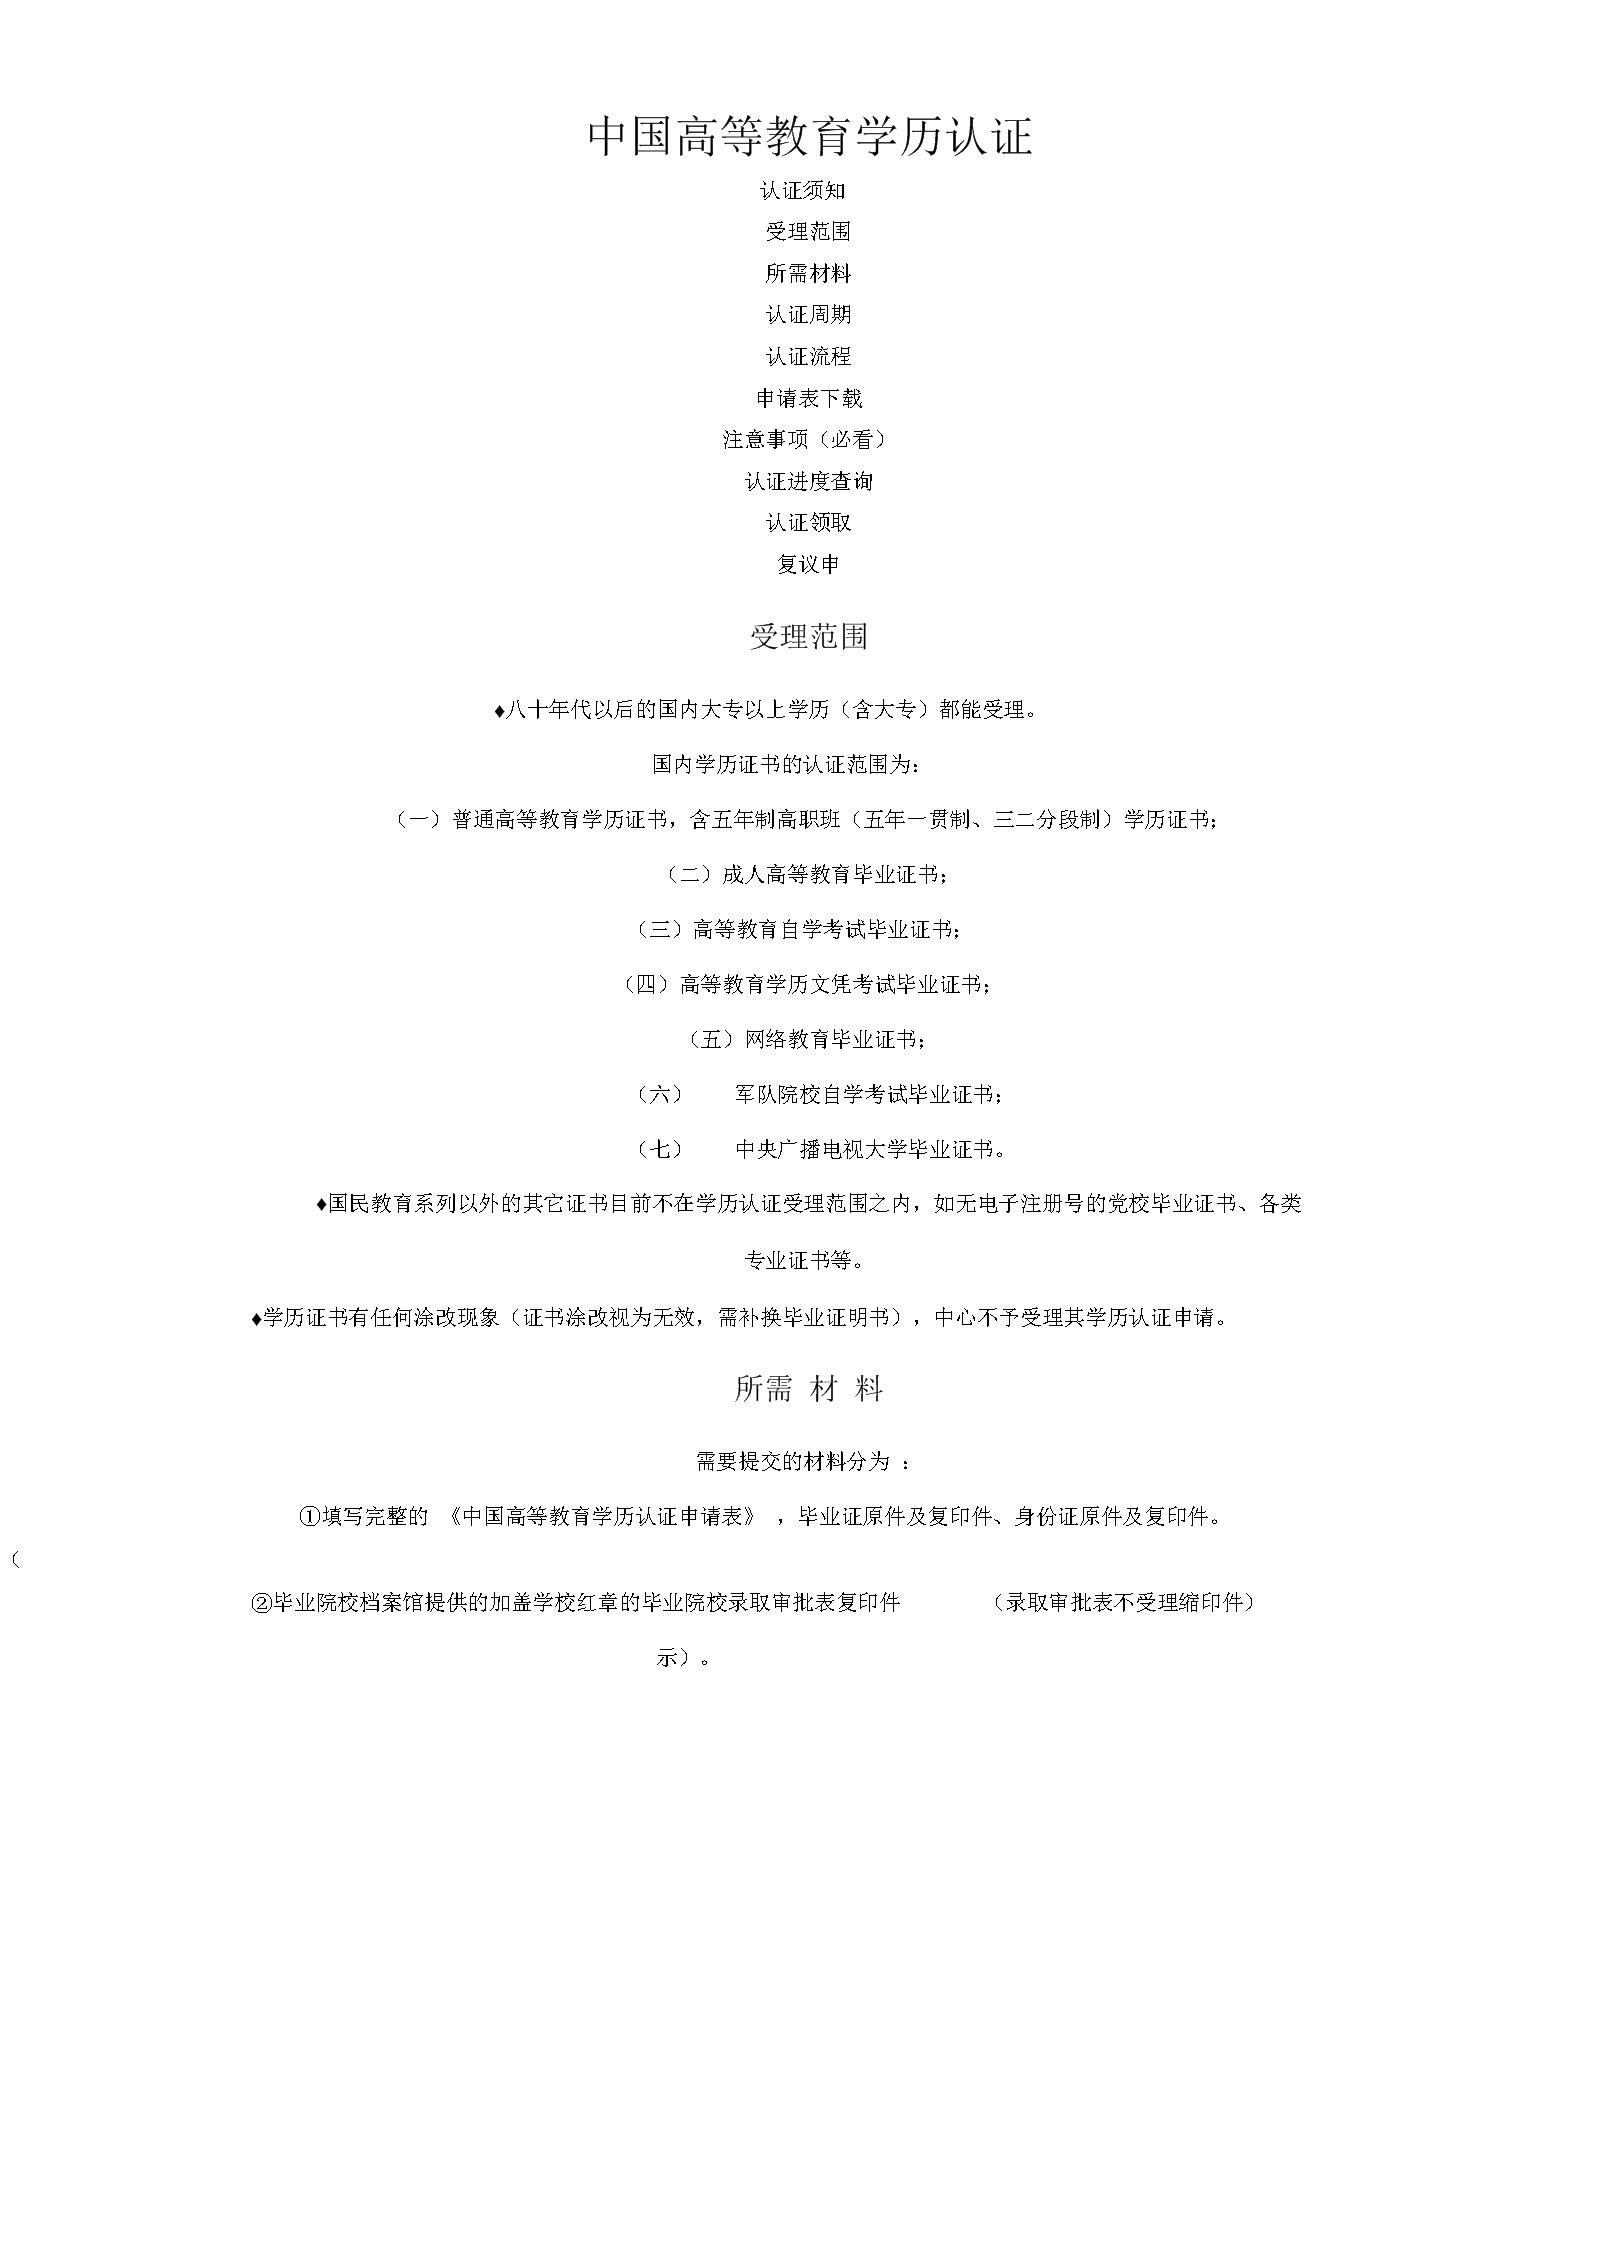 学历认证须知.docx